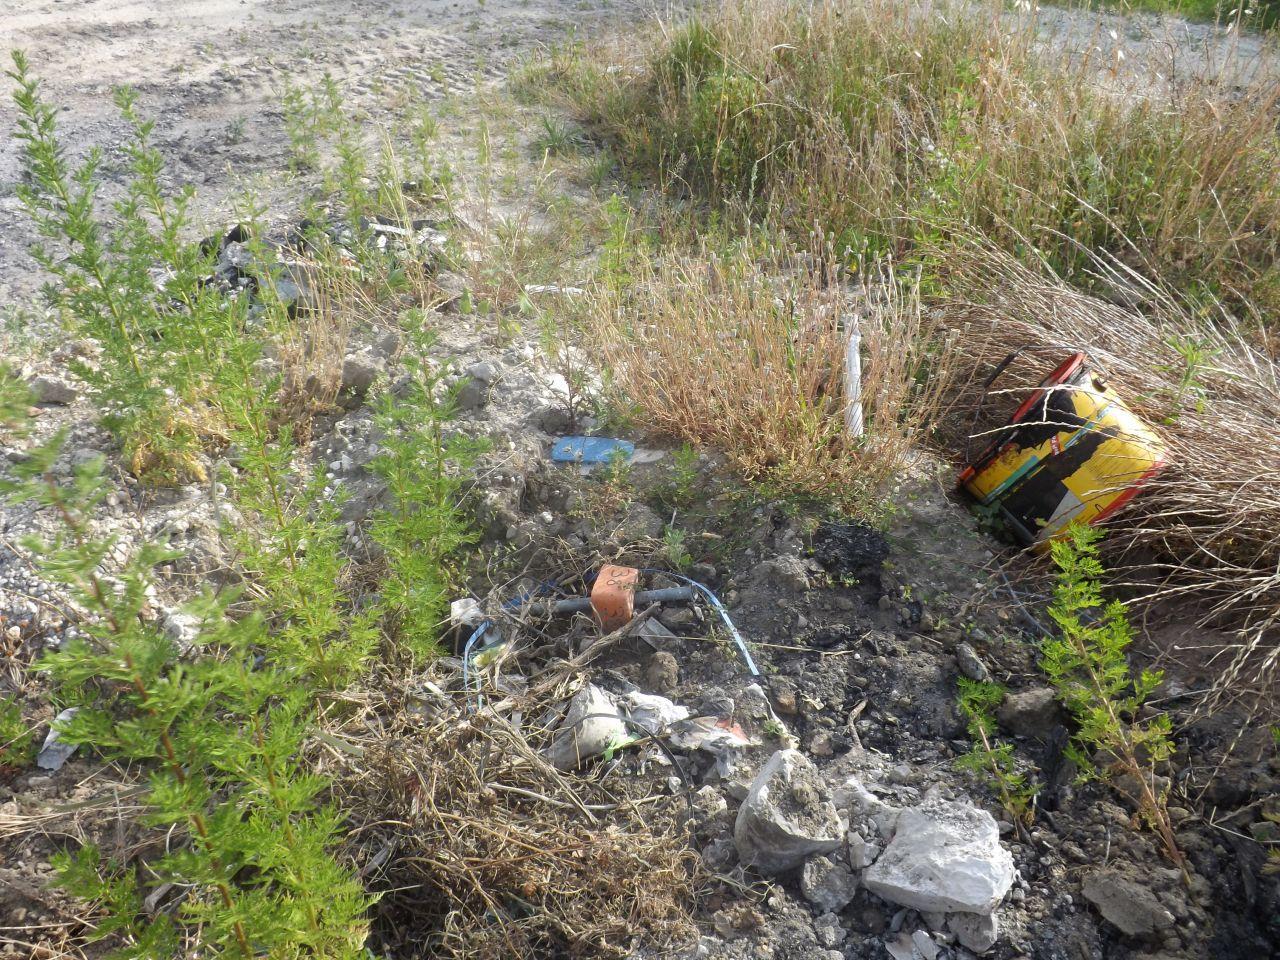 Le terrain est propre en comparaison de ce qu'il était encore il y a peu de temps. On est passé enlevé quelques clous (environ 3kg pour 50% du restant de palettes brulées sur le terrain). Une borne a été arrachée et encore quelques restes...